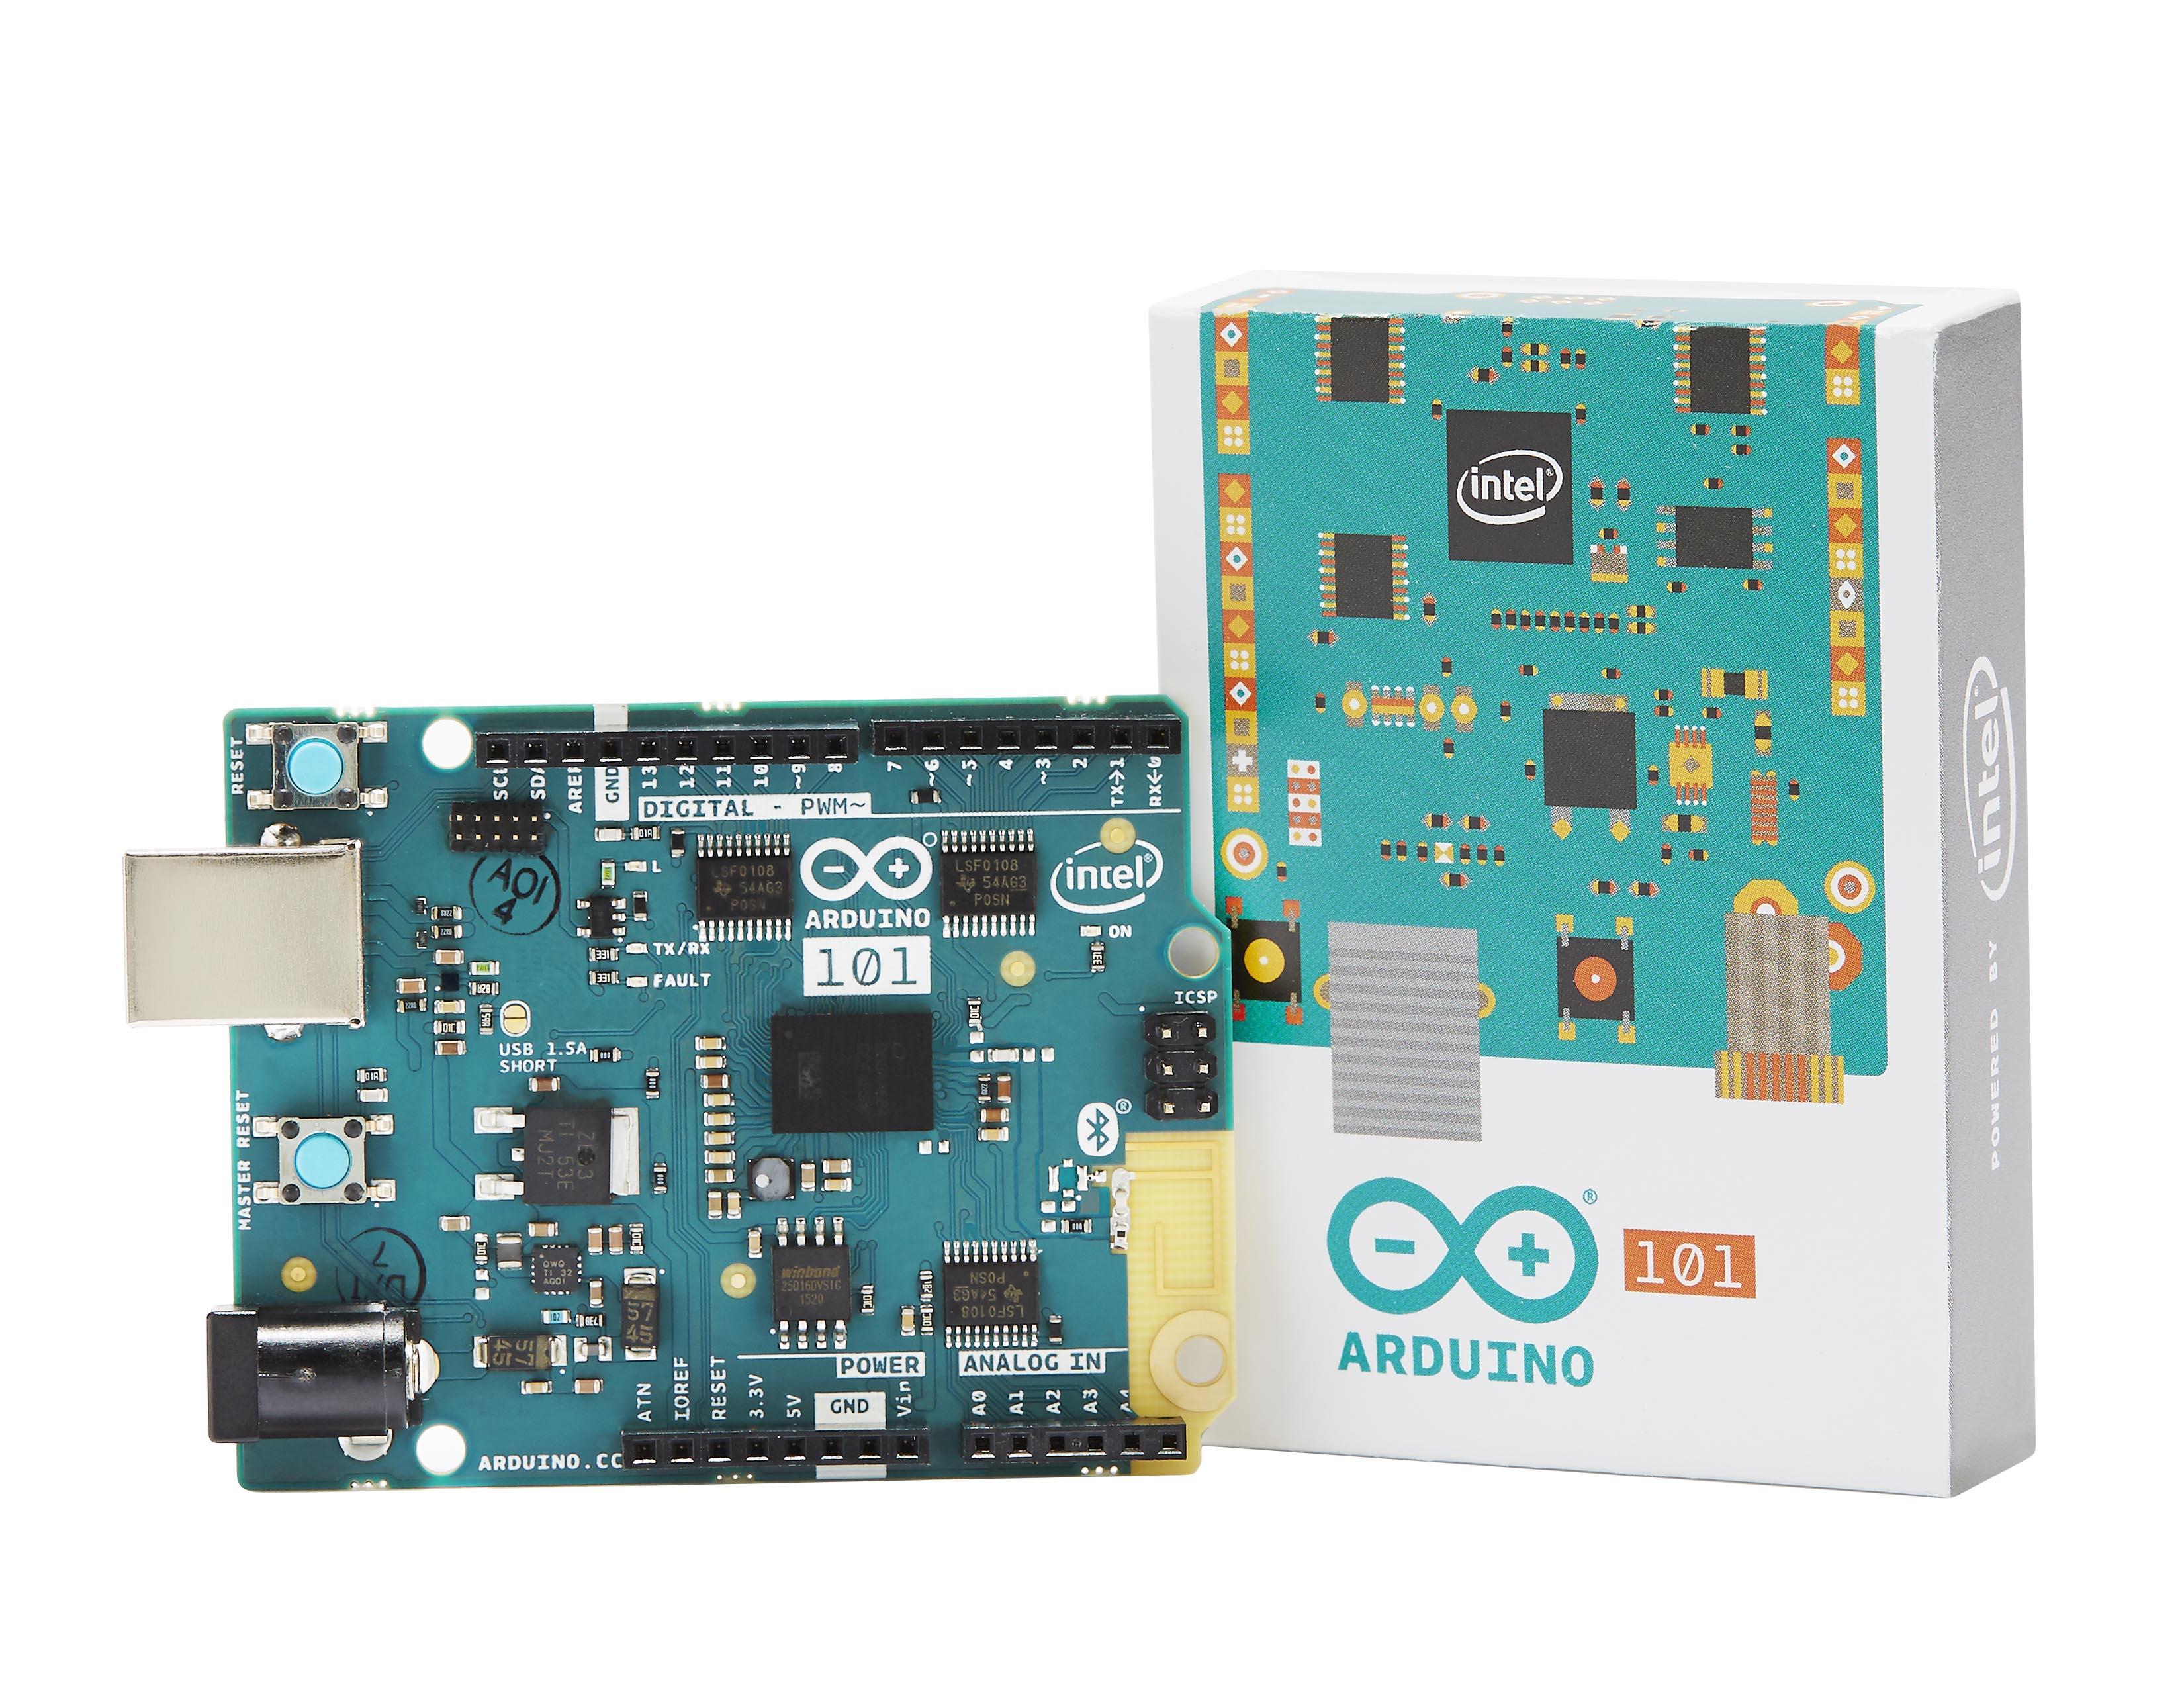 Découvrez Genuino 101, l'Arduino propulsé par Intel